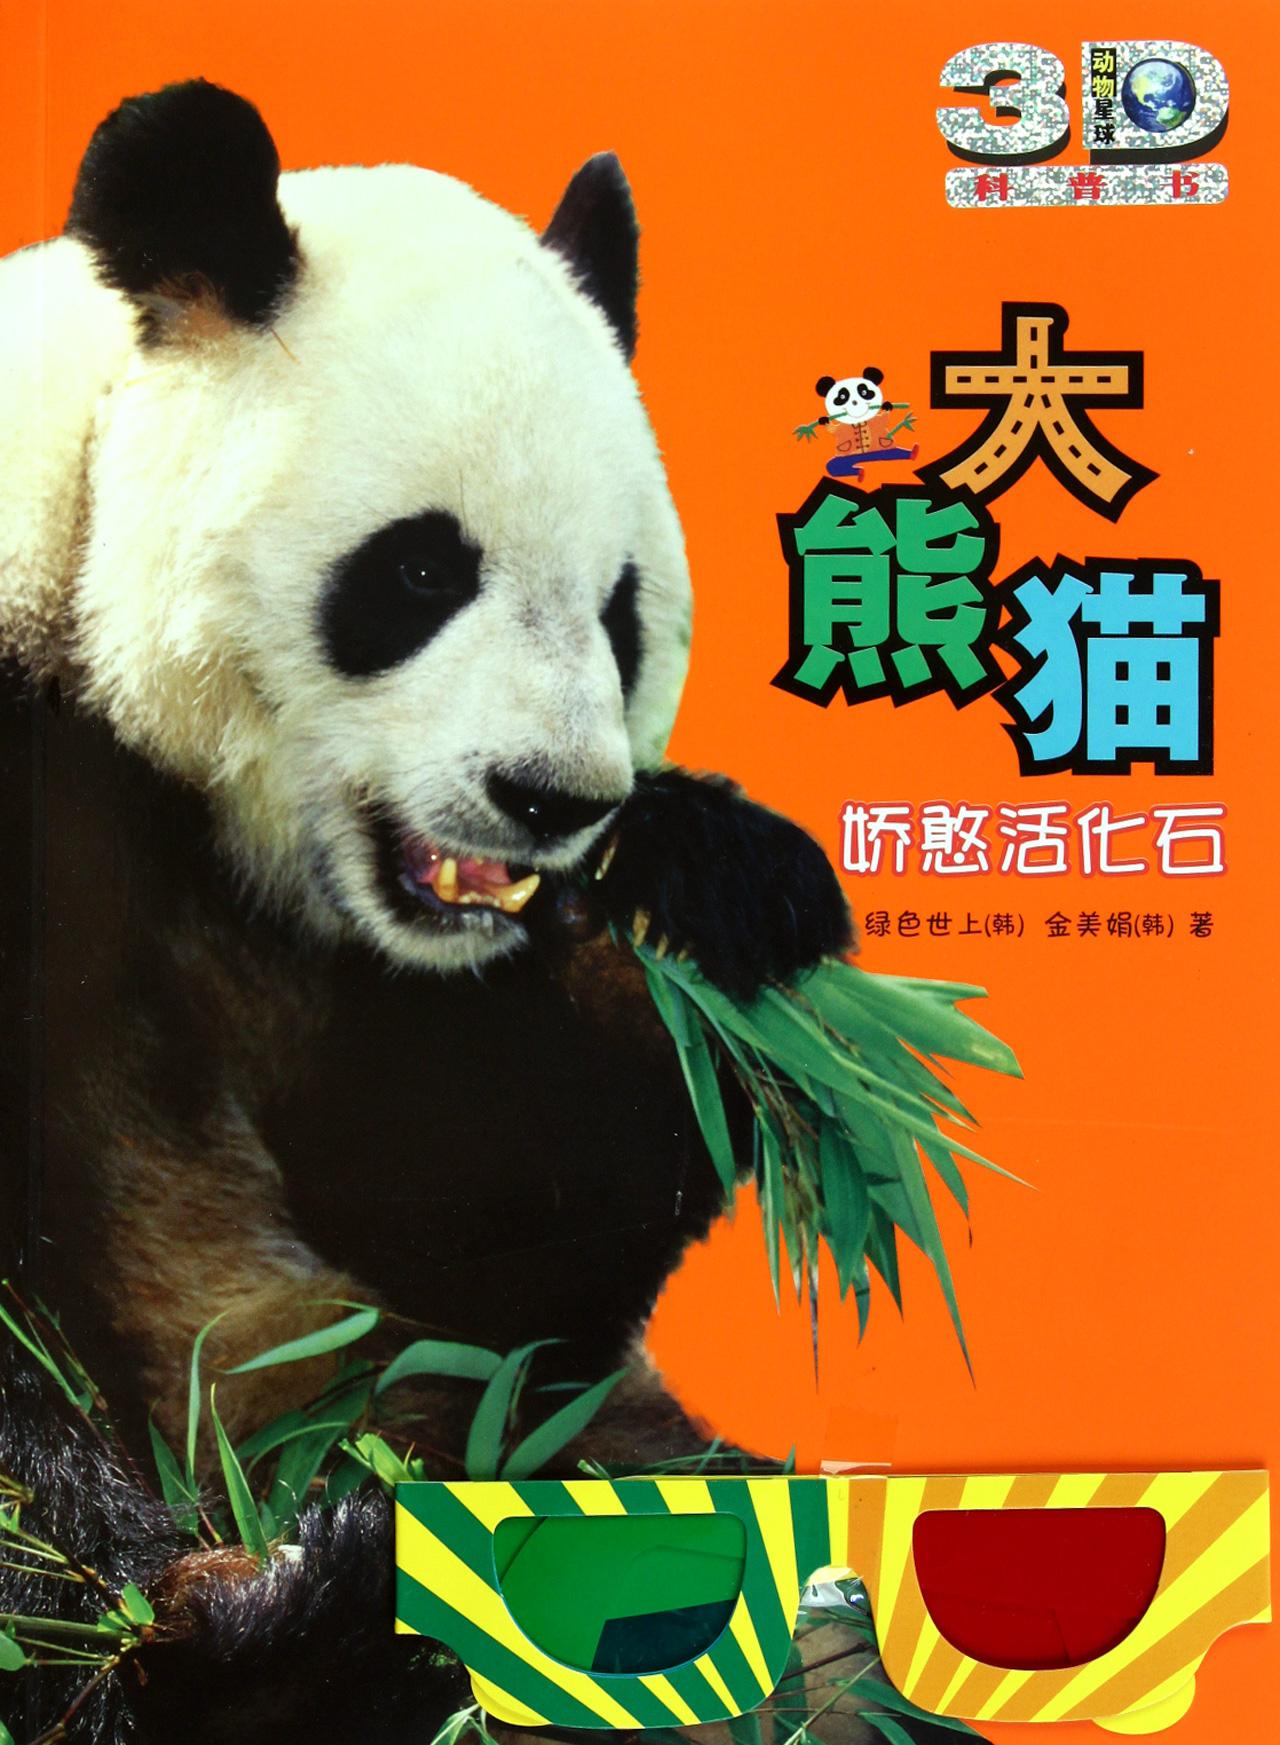 大熊猫(娇憨活化石动物星球3d科普书)